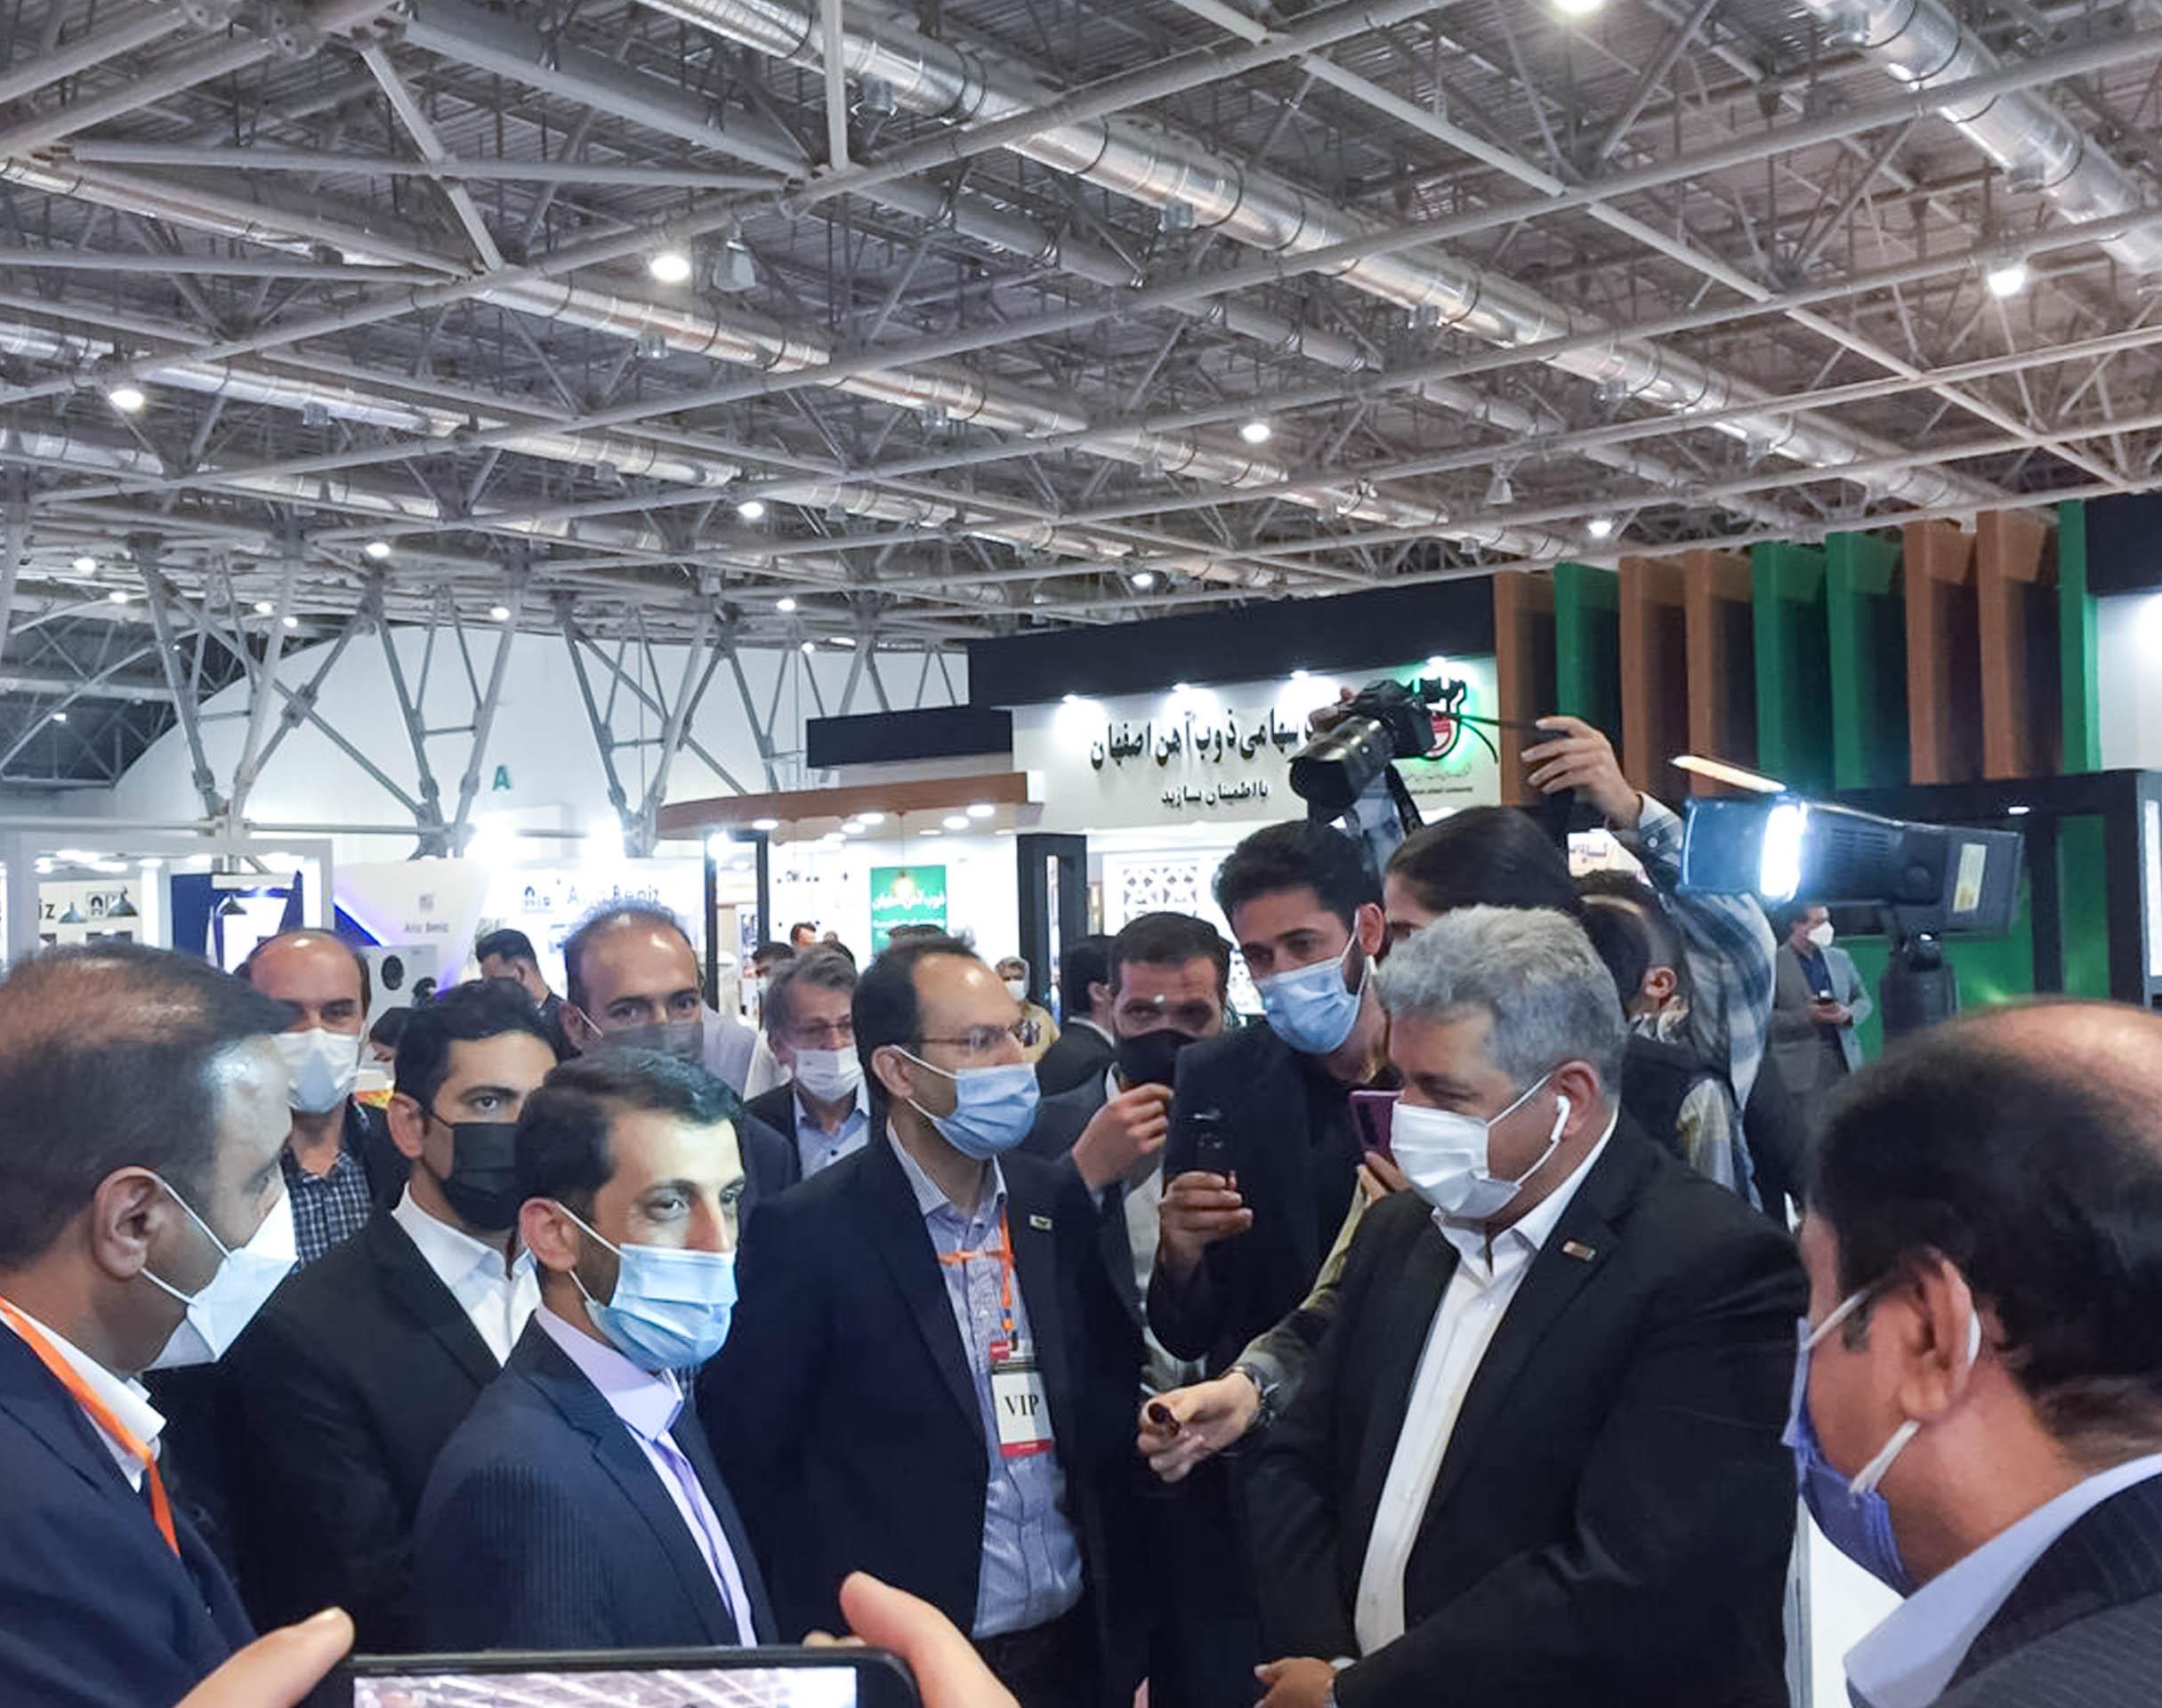 حضور محتمغ صنعتی اسفراین در سیزدهمین نمایشگاه متالورژِی اصفهان۳